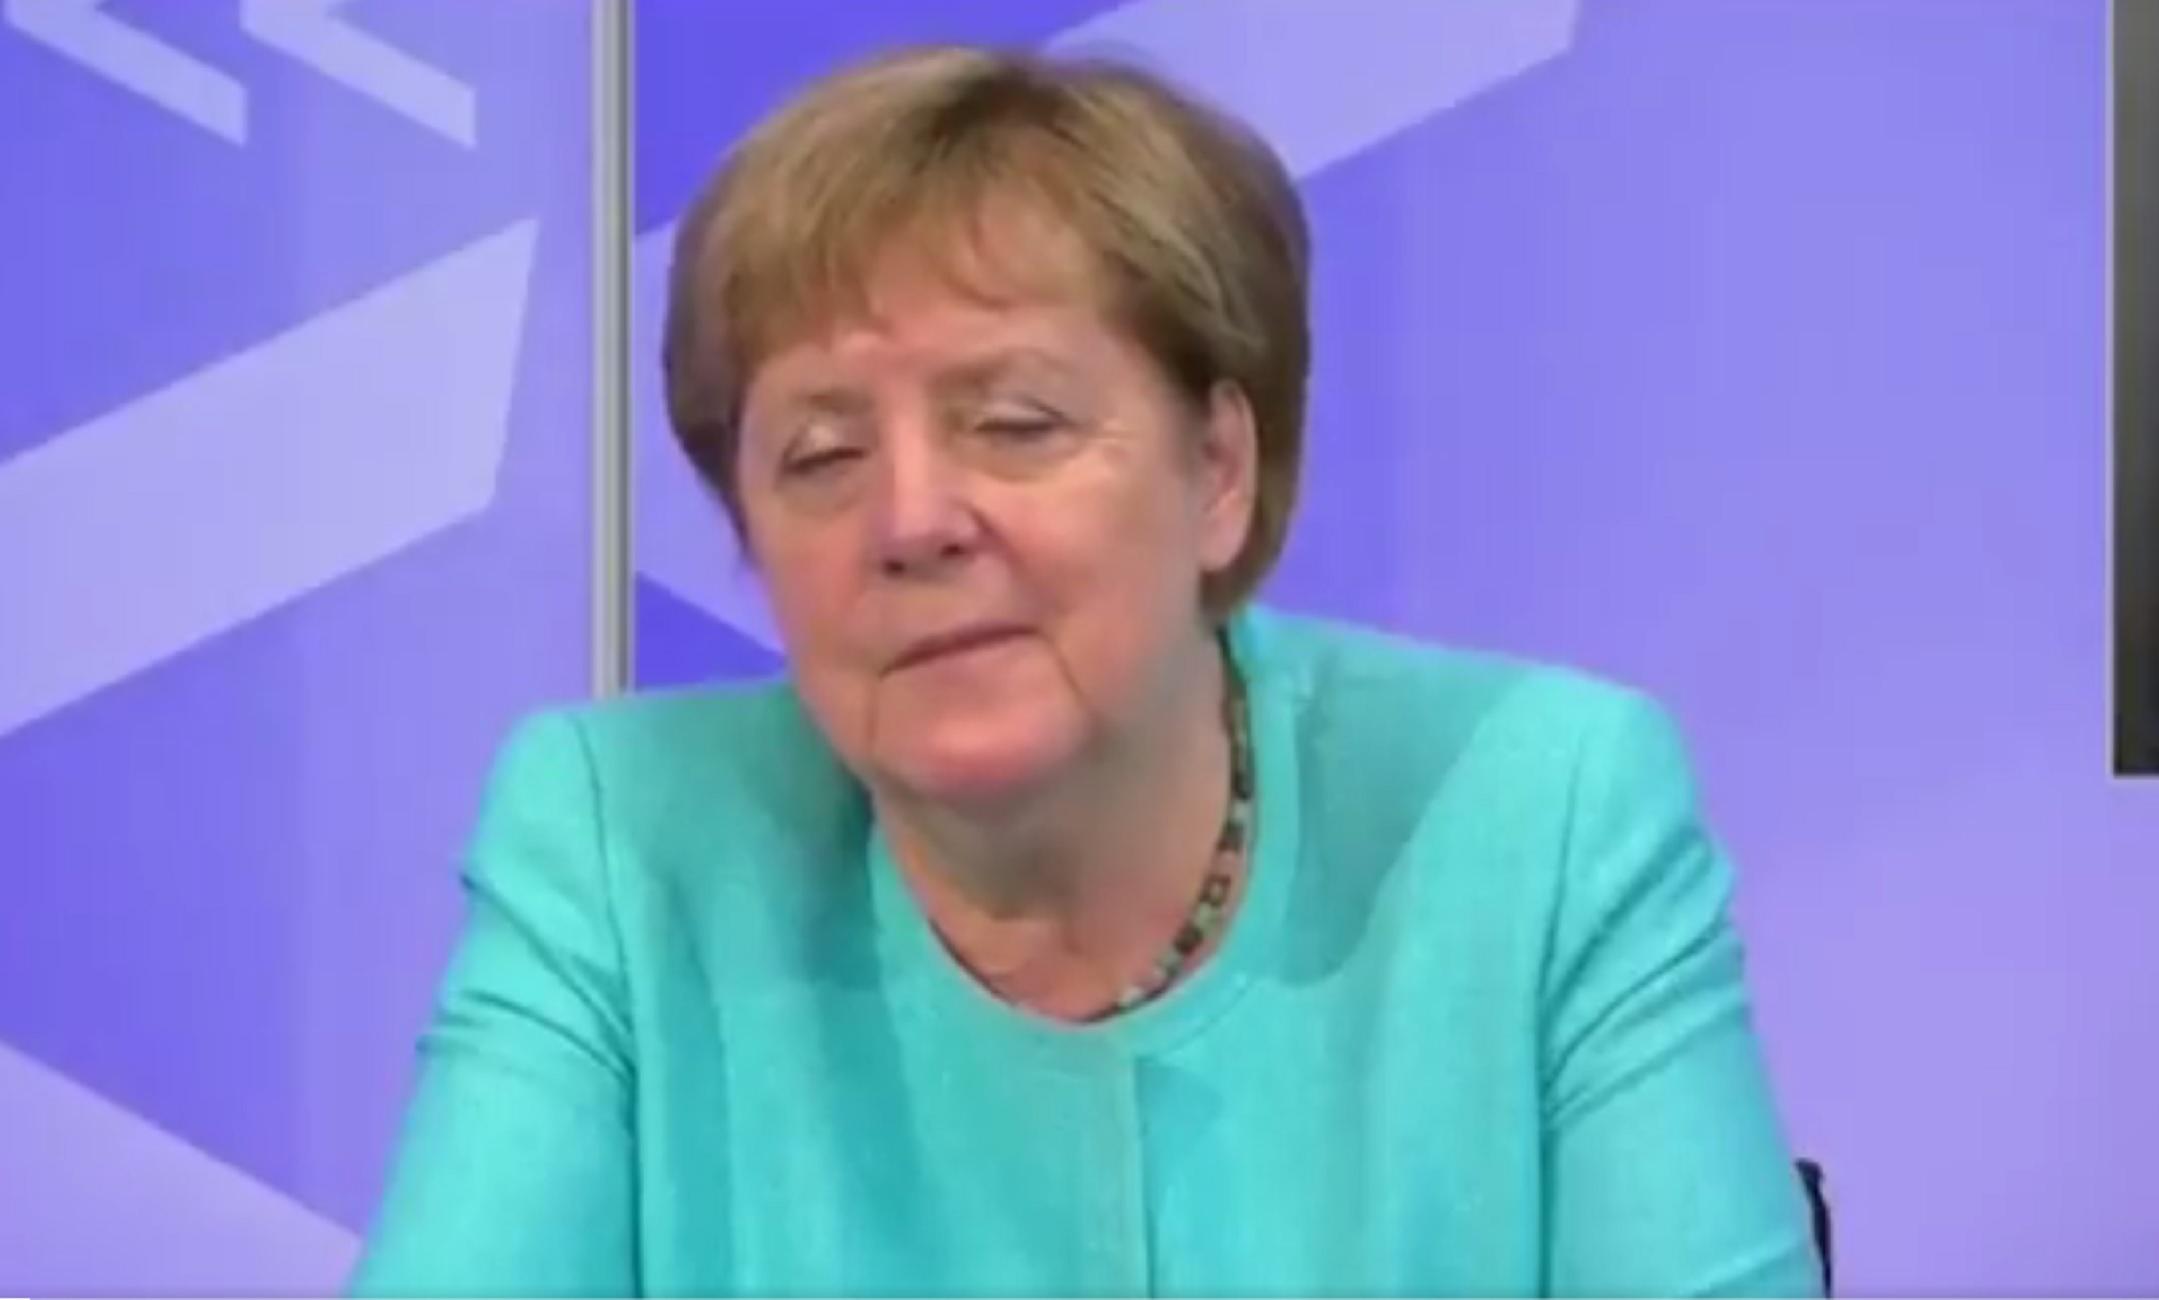 Άνγκελα Μέρκελ: Νύστα βαθιά σε τηλεδιάσκεψη – Δεν μπορούσε να κρατήσει τα μάτια της ανοικτά